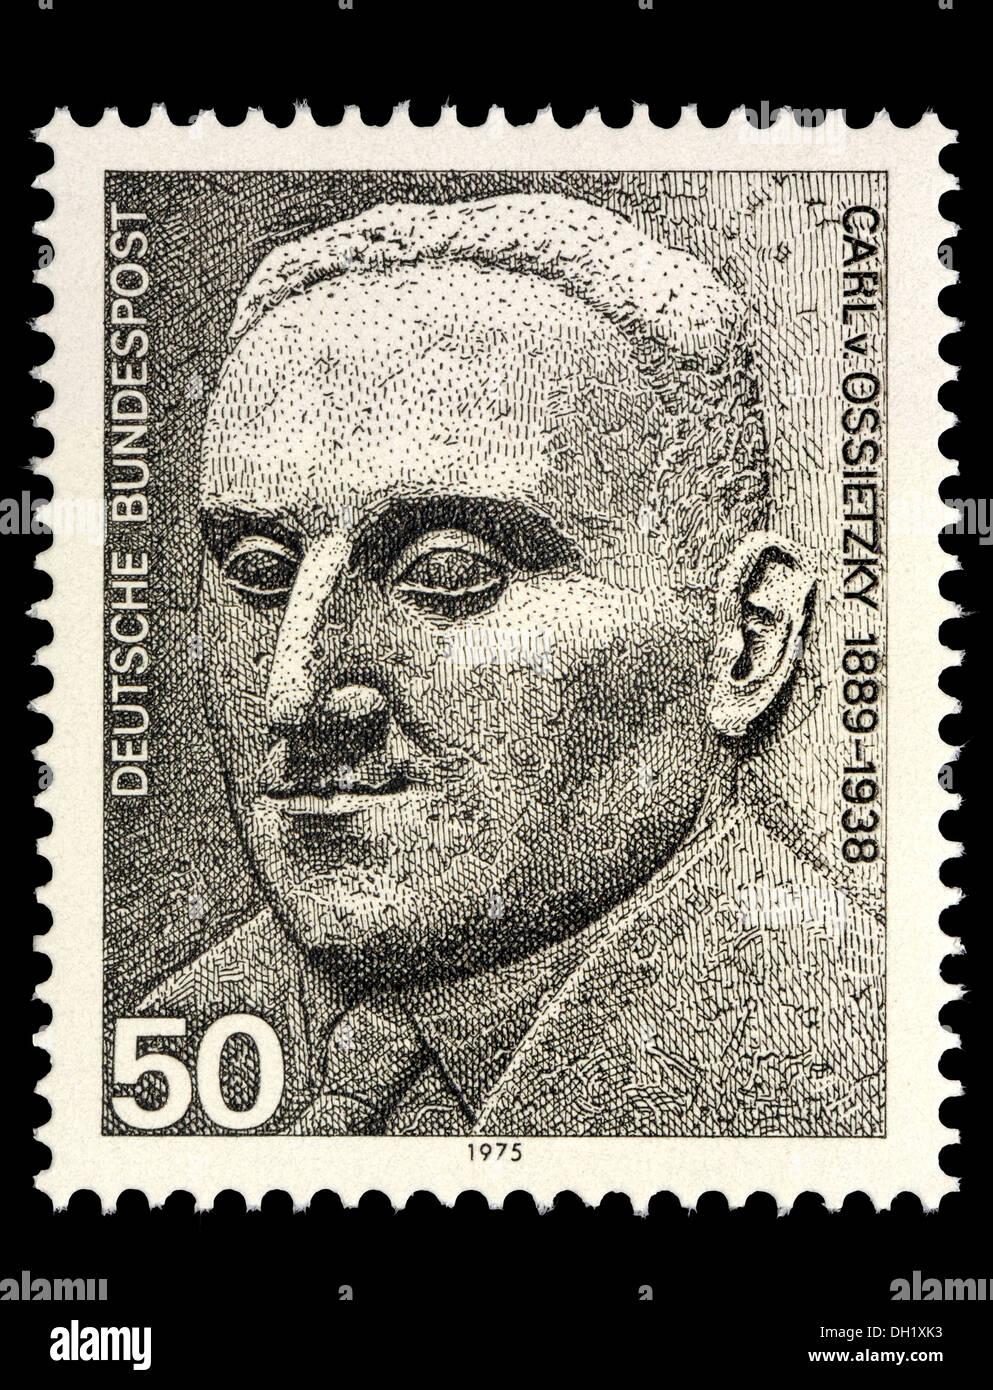 Retrato de Carl von Ossietzky (1889-1938: Alemán pacifista y el destinatario del Premio Nobel de la Paz 1935) en el sello alemán Imagen De Stock